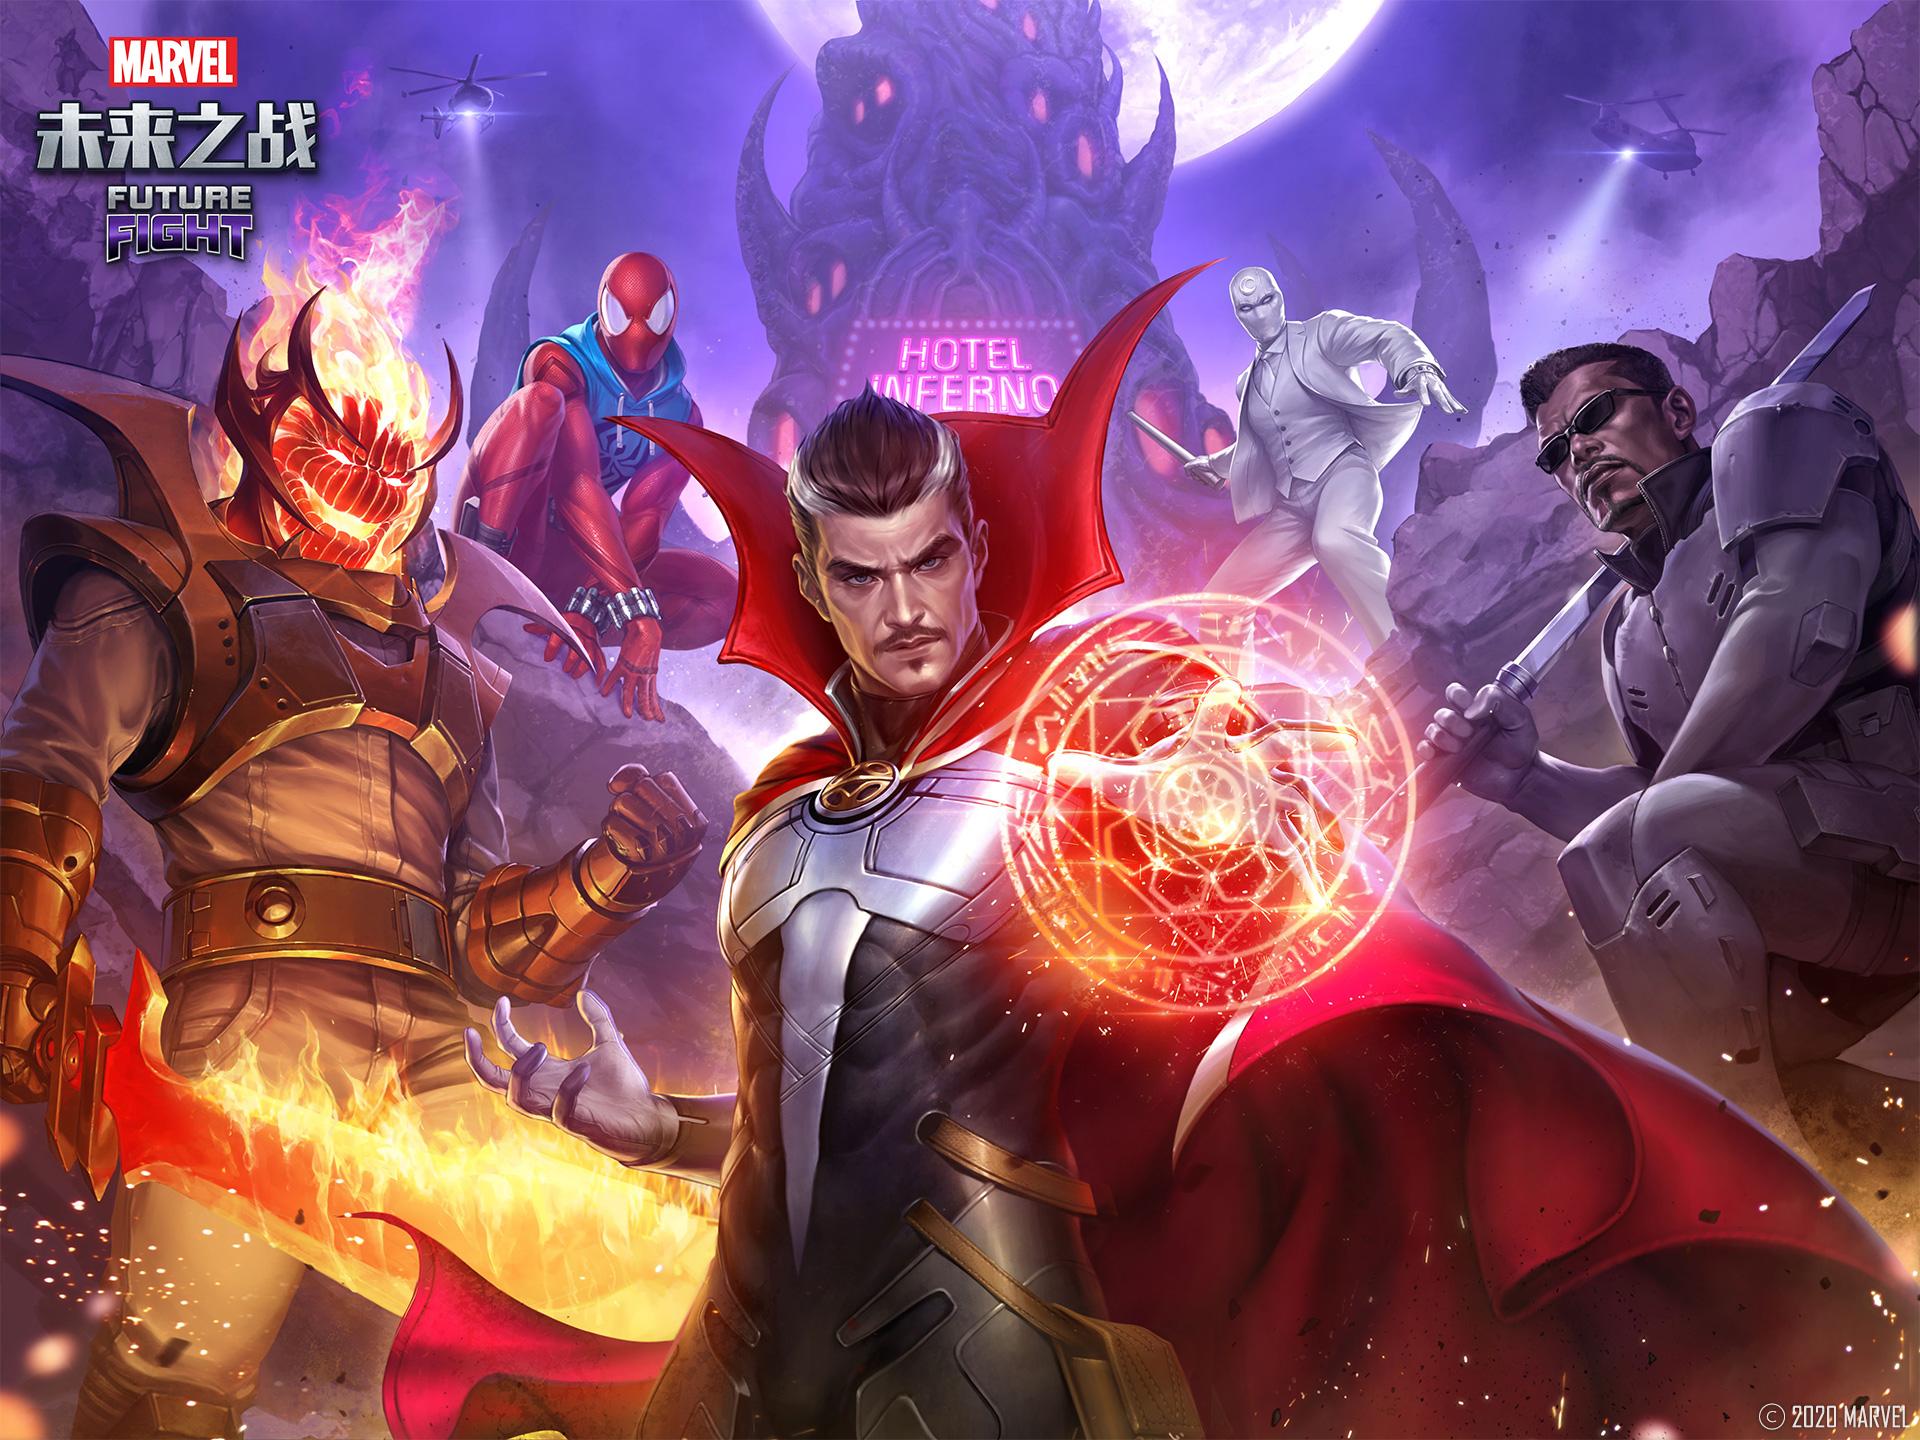 「漫威:未来之战」来自地狱诅咒漫画的英雄和反派加入漫威:未来之战